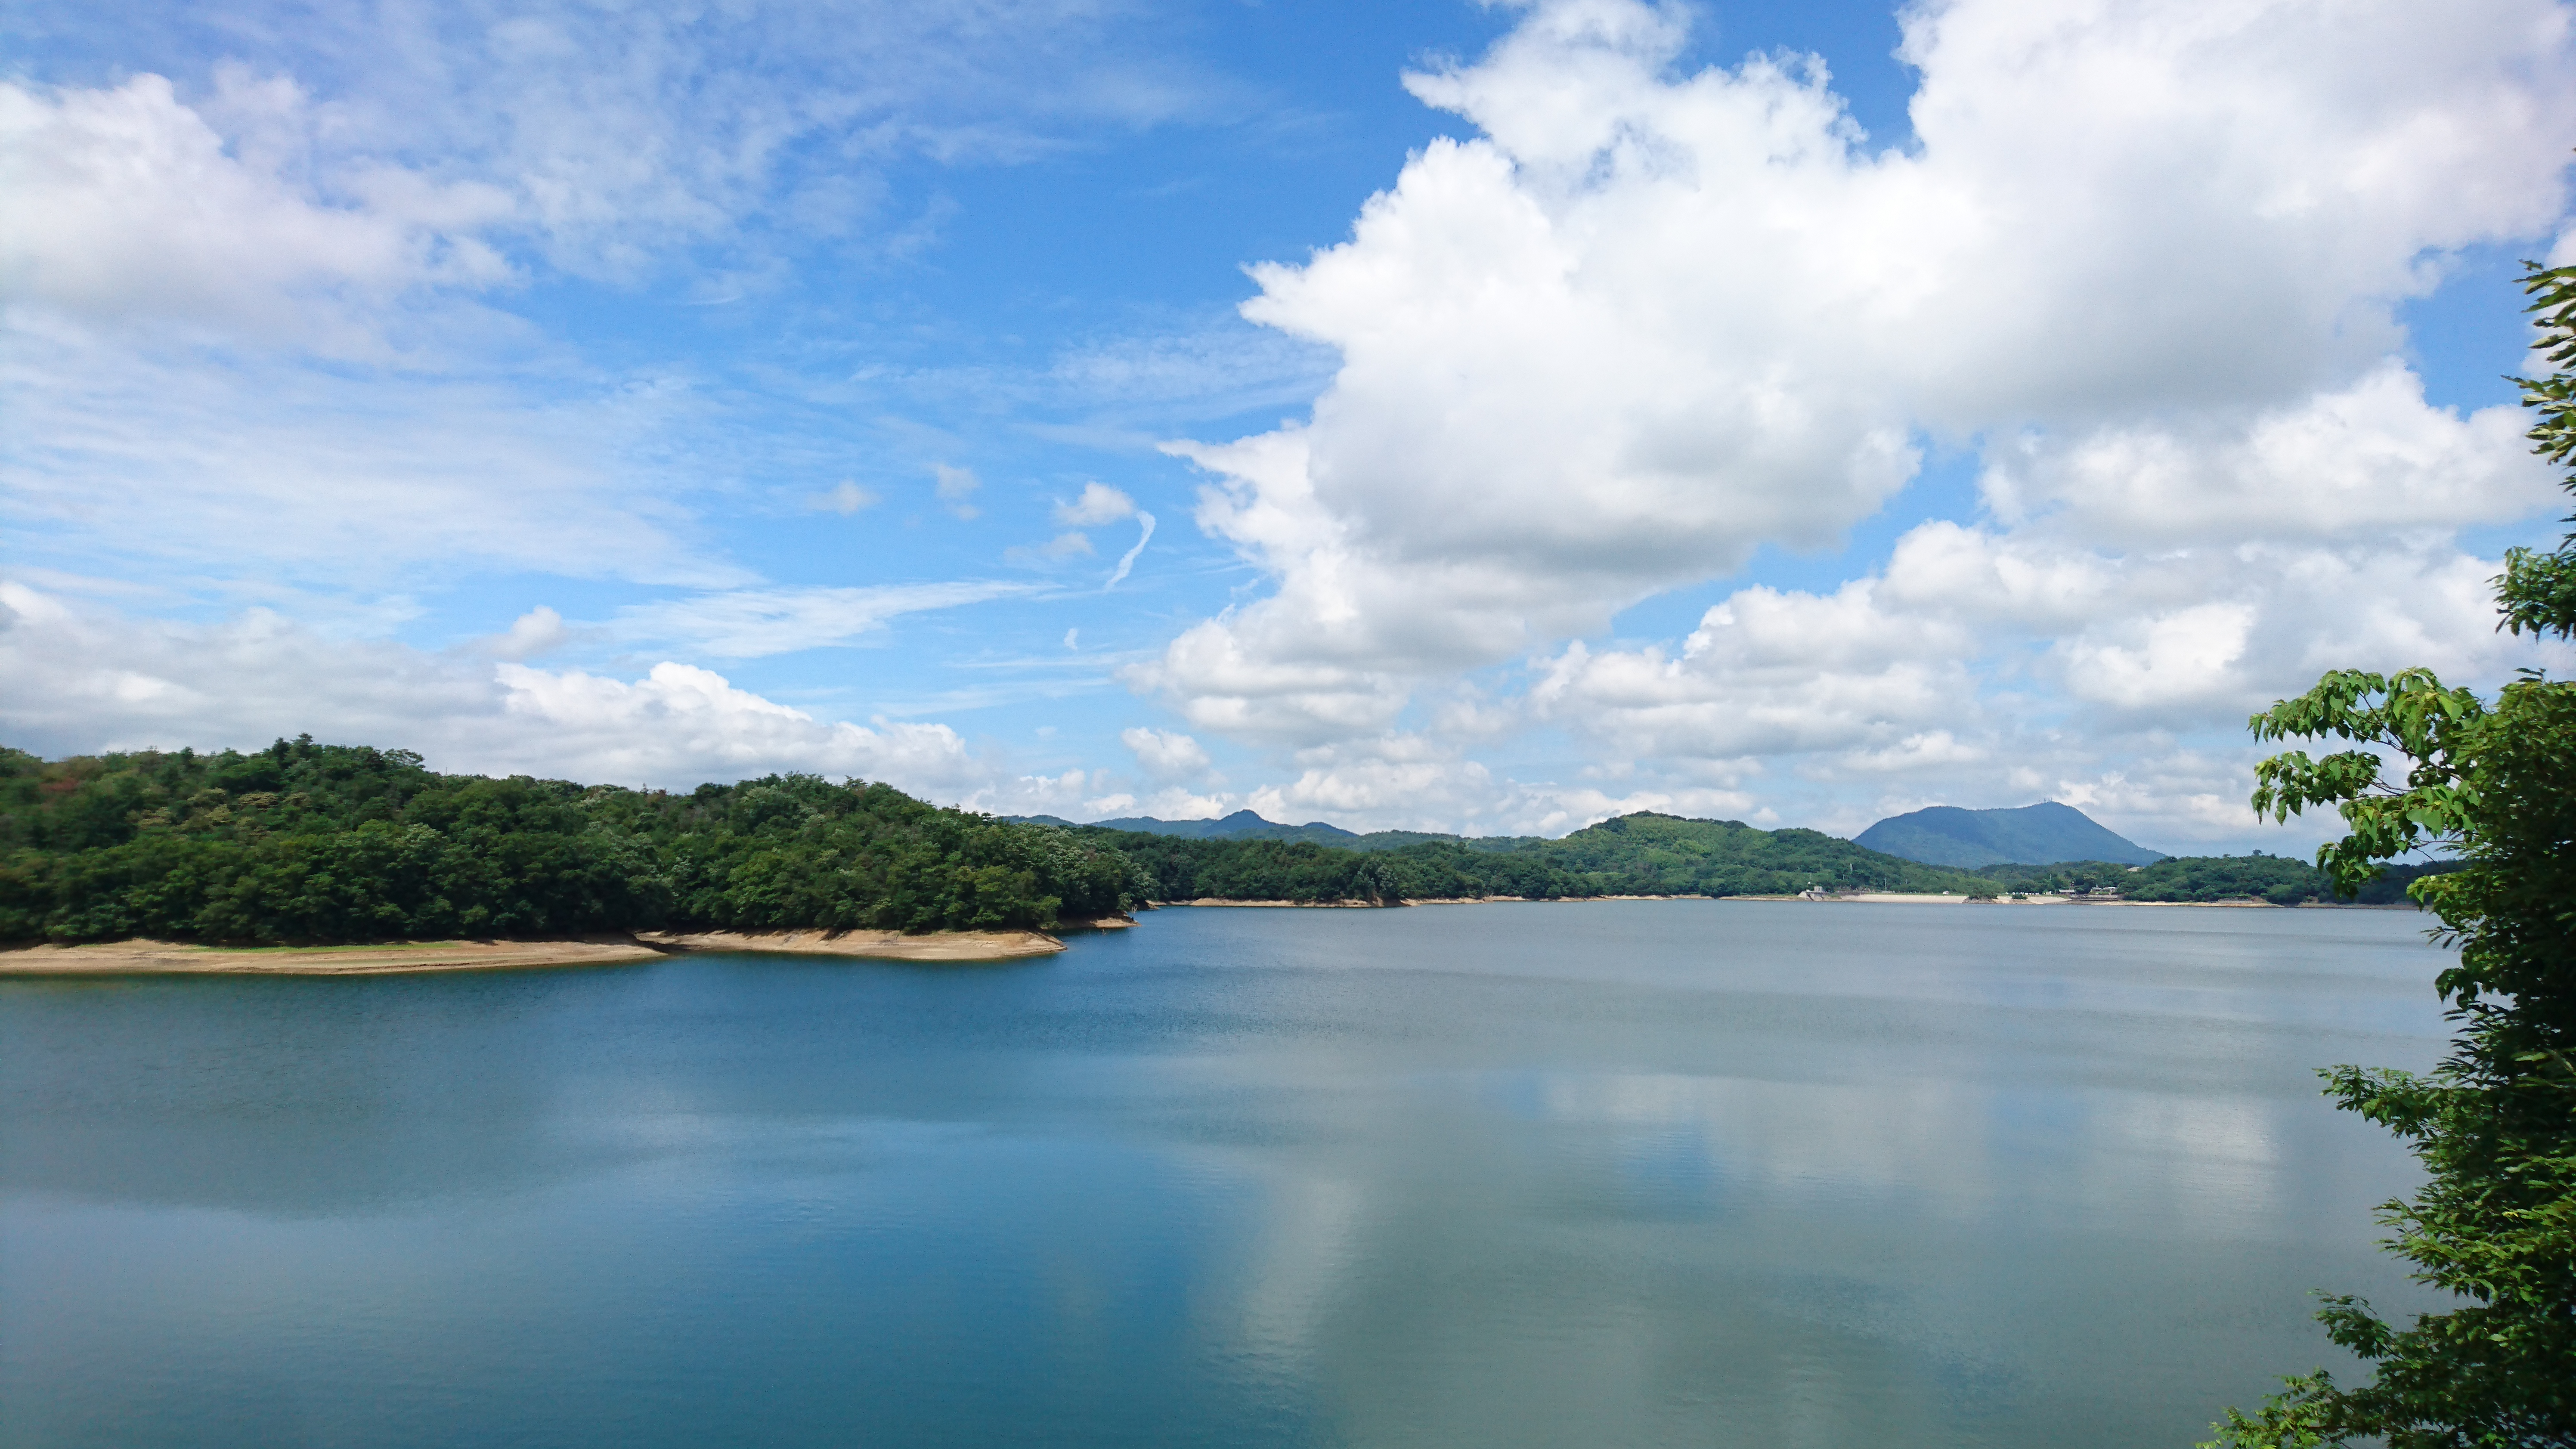 満濃池は弘法大師が改修した、日本最大の灌漑用のため池。